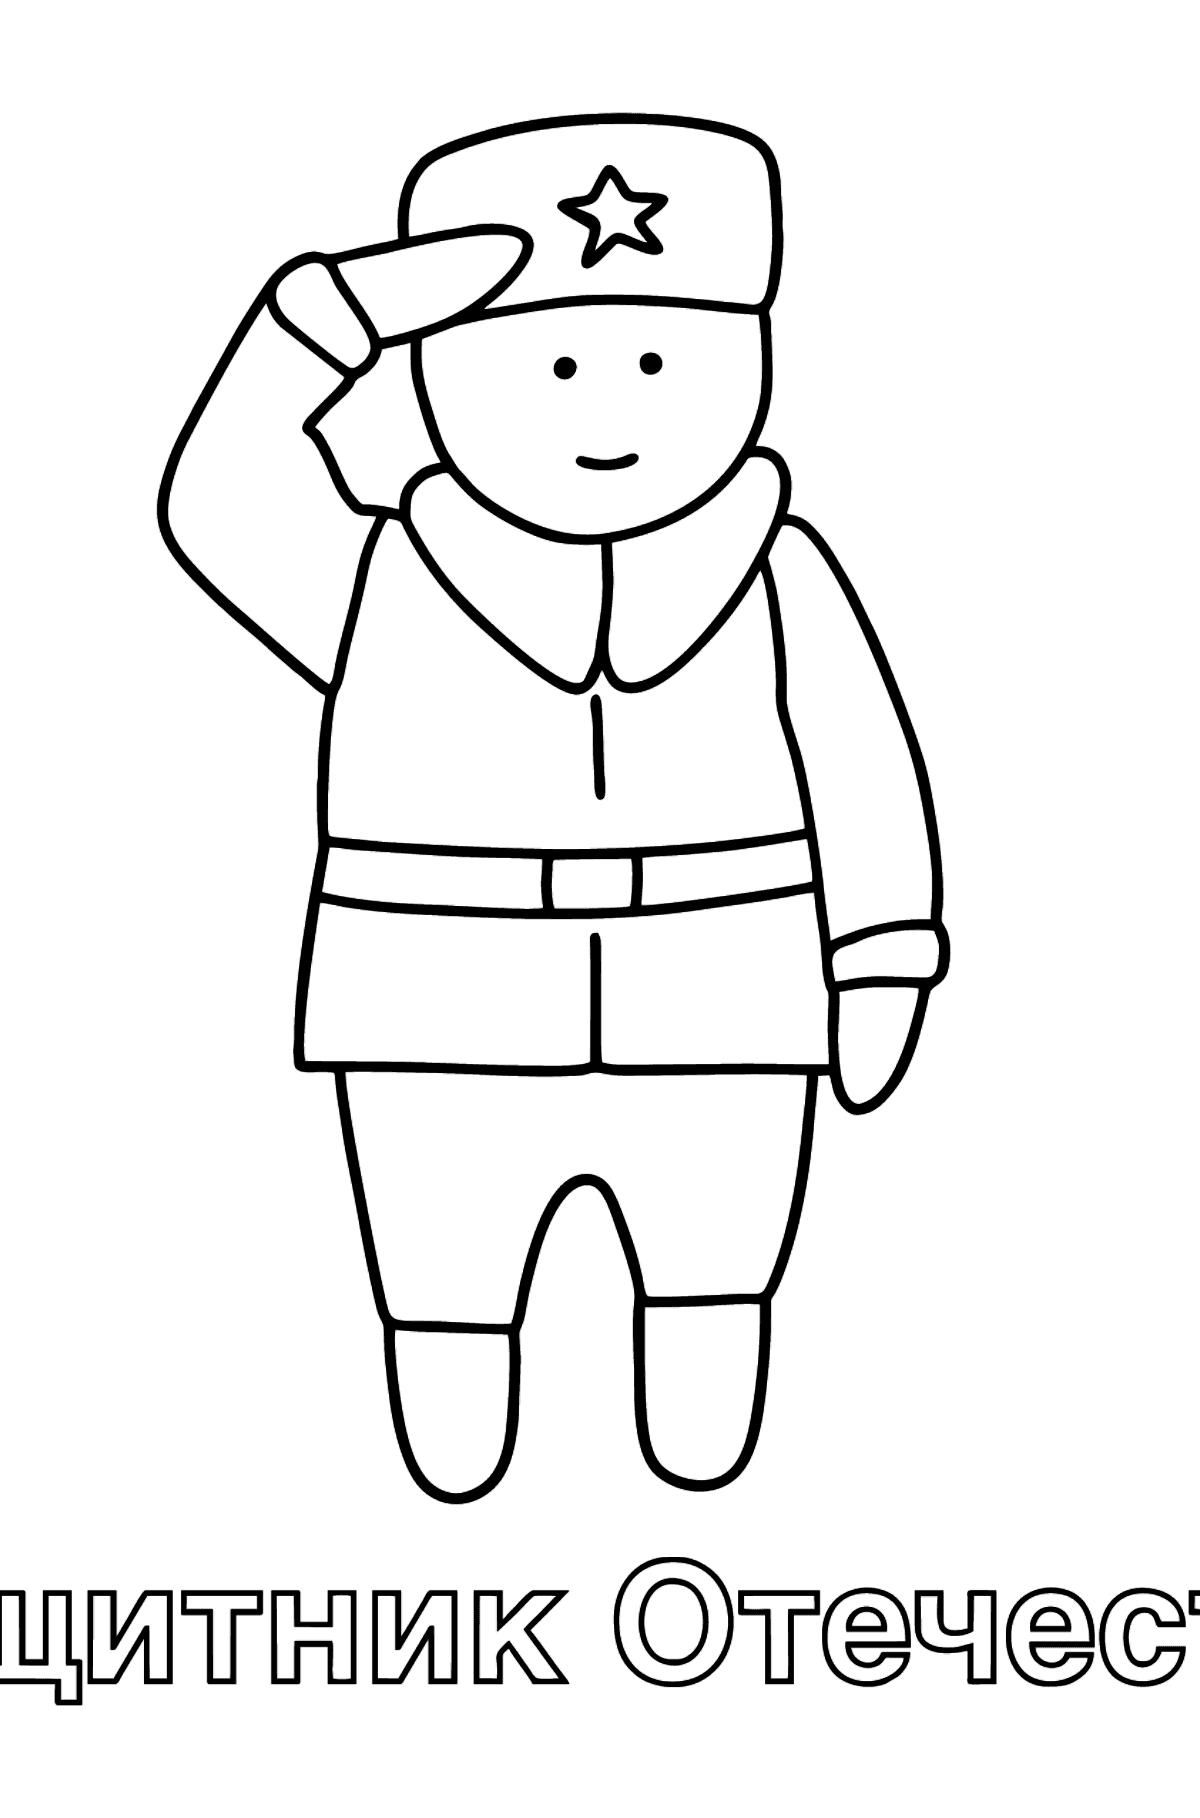 Раскраска солдат открытка  - Раскраски для Детей